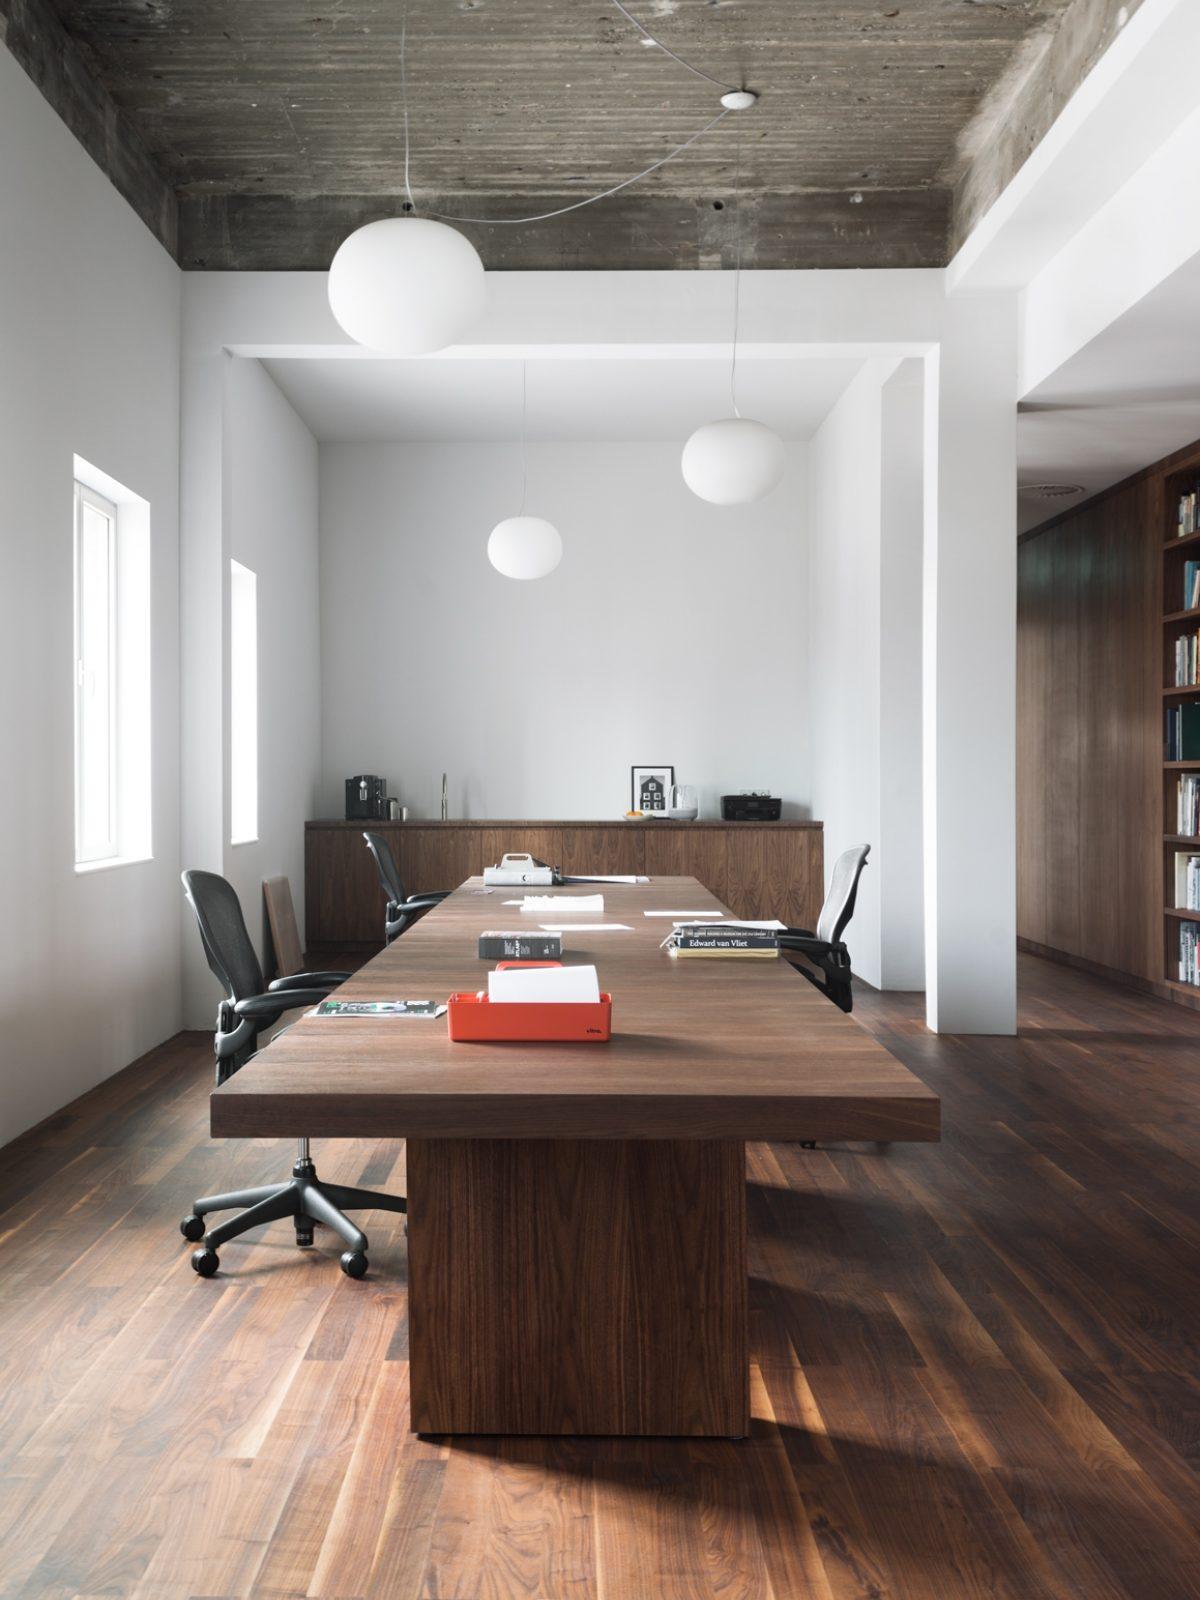 11 De Bank KAAN Architecten Simone Bossi